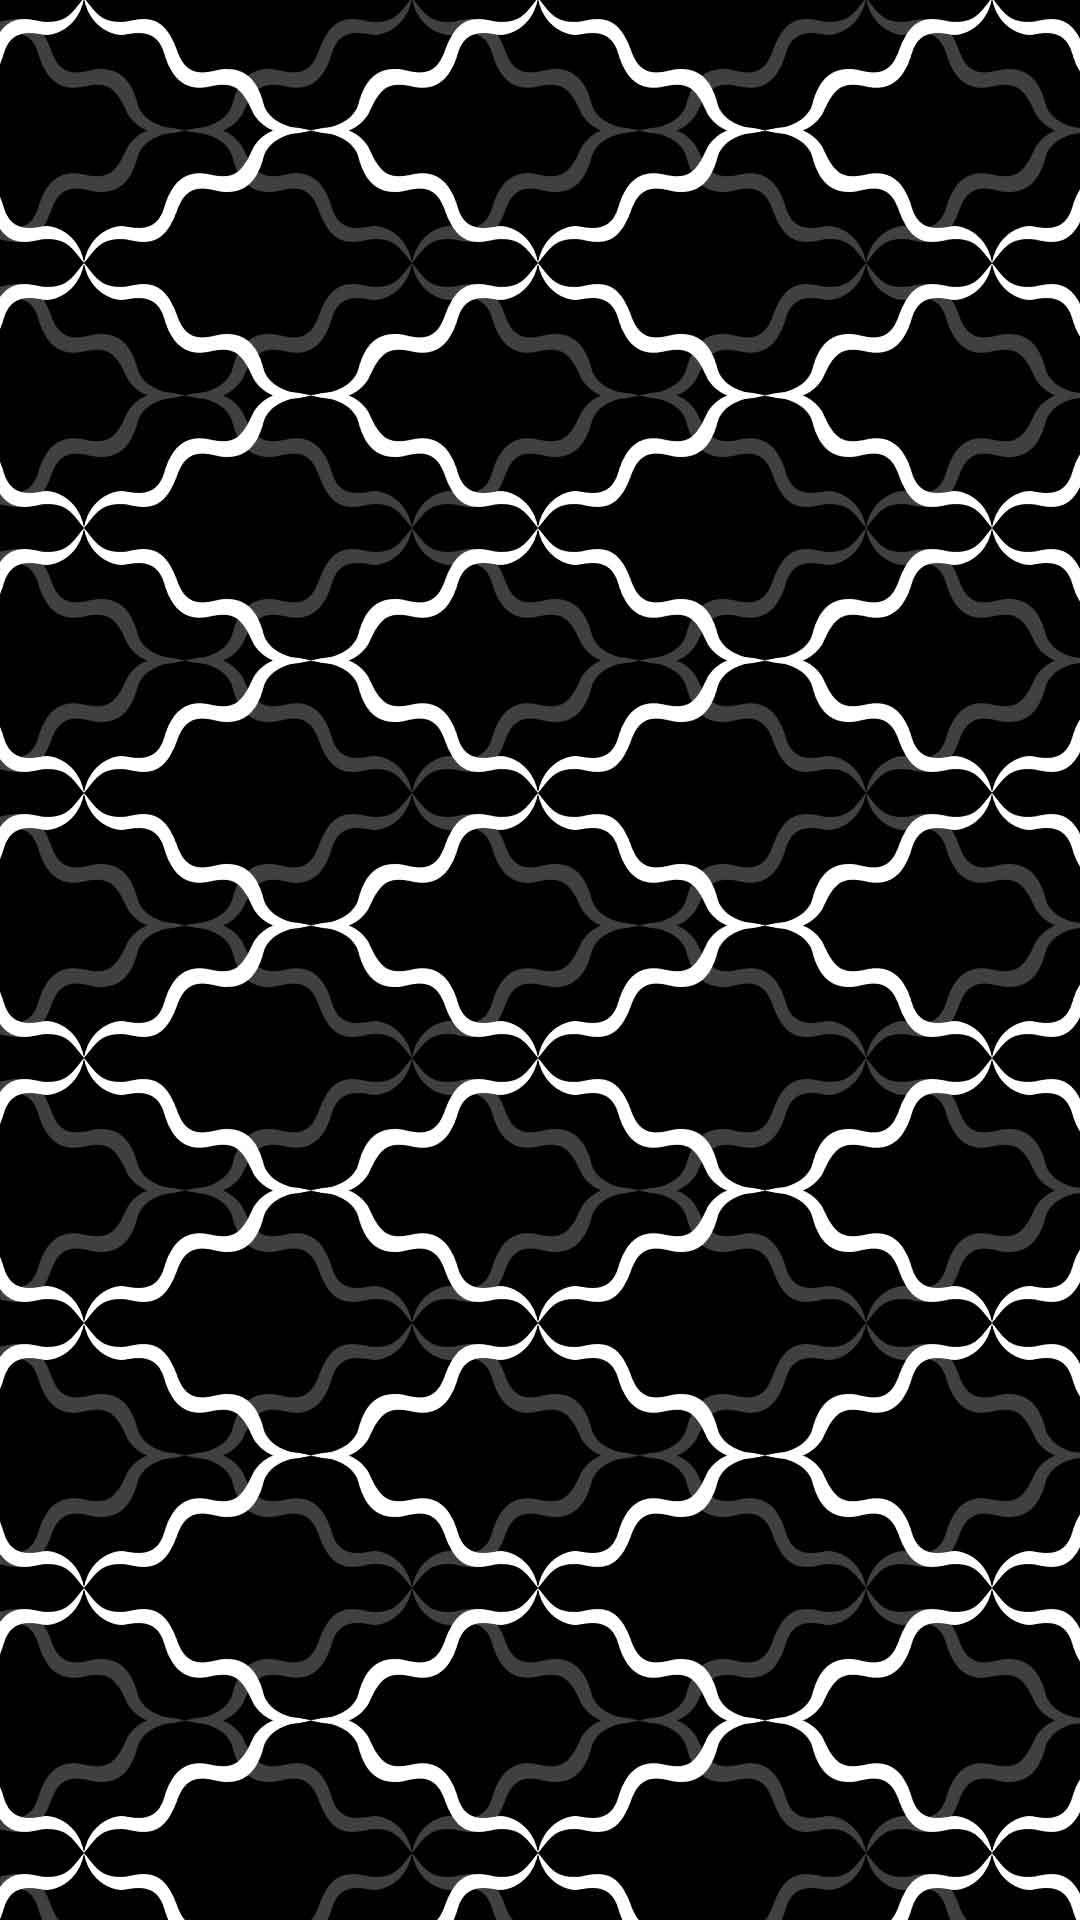 black aesthetic wallpaper